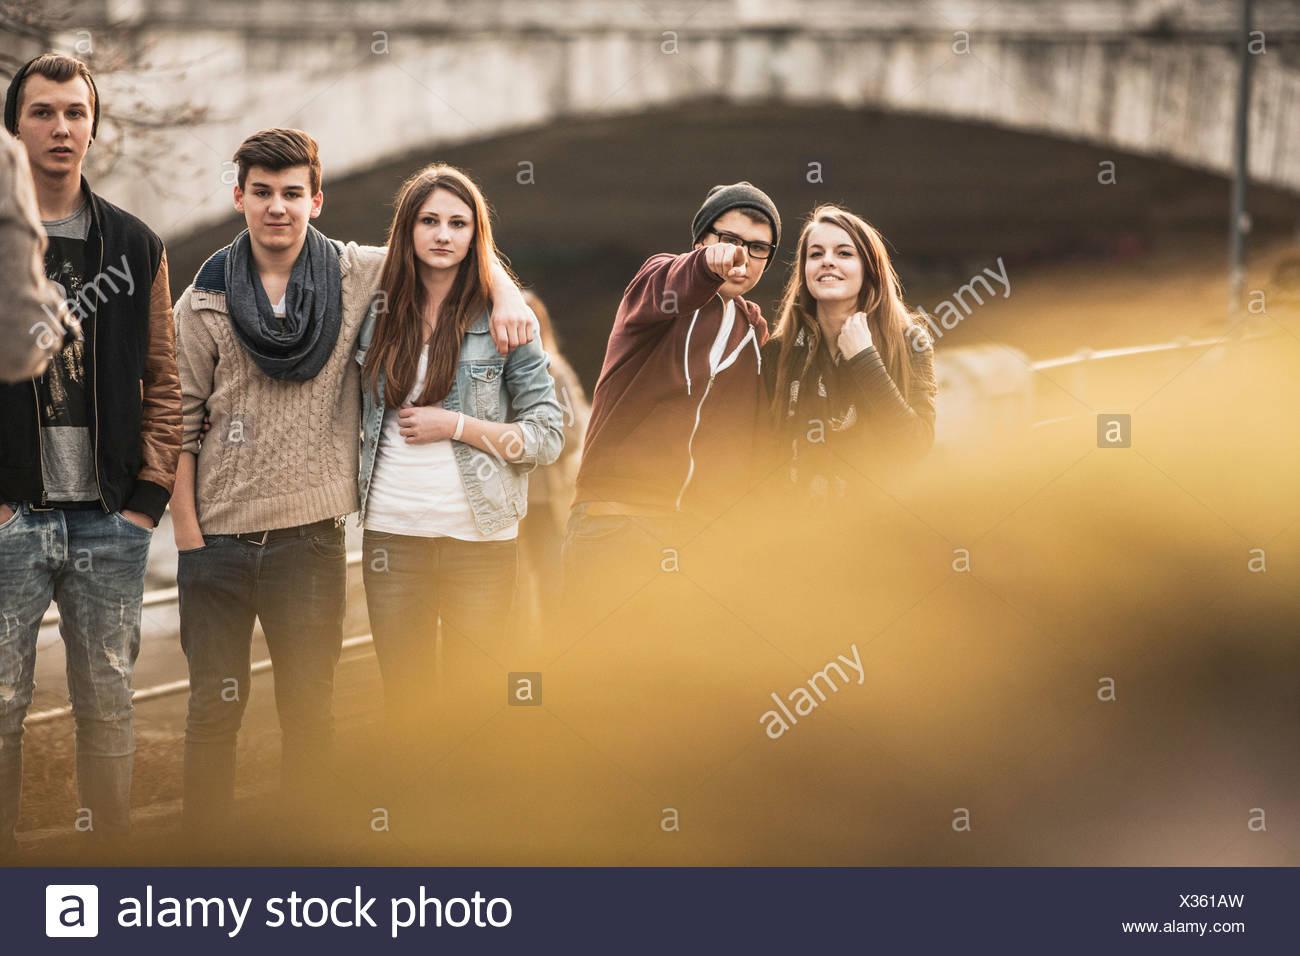 Cinque adolescenti all'aperto, ragazzo puntando alla fotocamera Immagini Stock